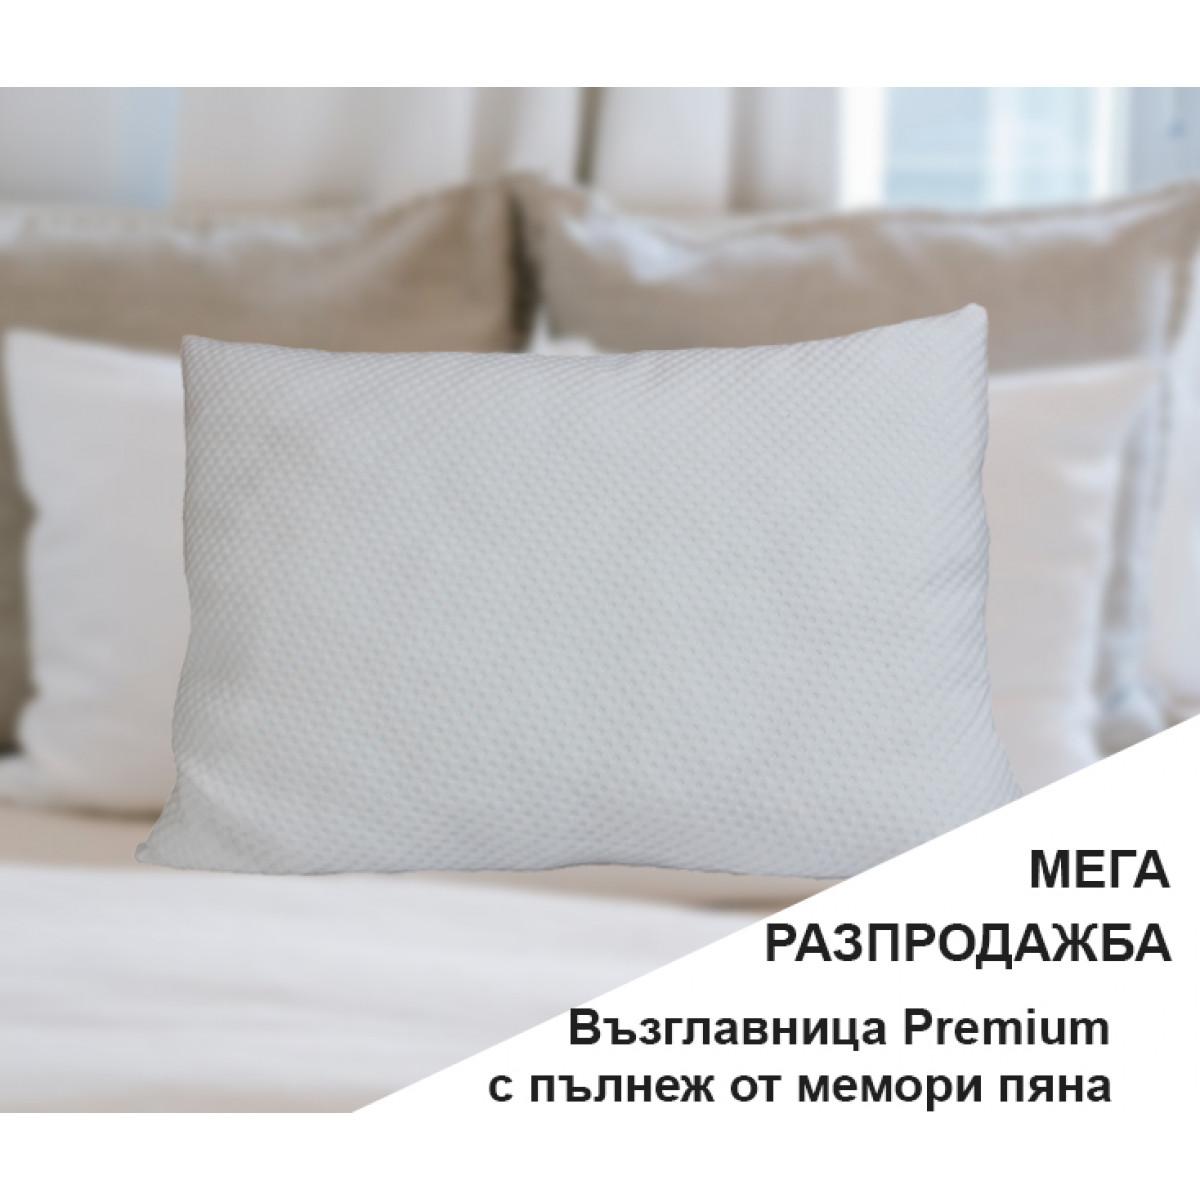 Възглавница Premium 50/70 см, с пълнеж от мемори пяна